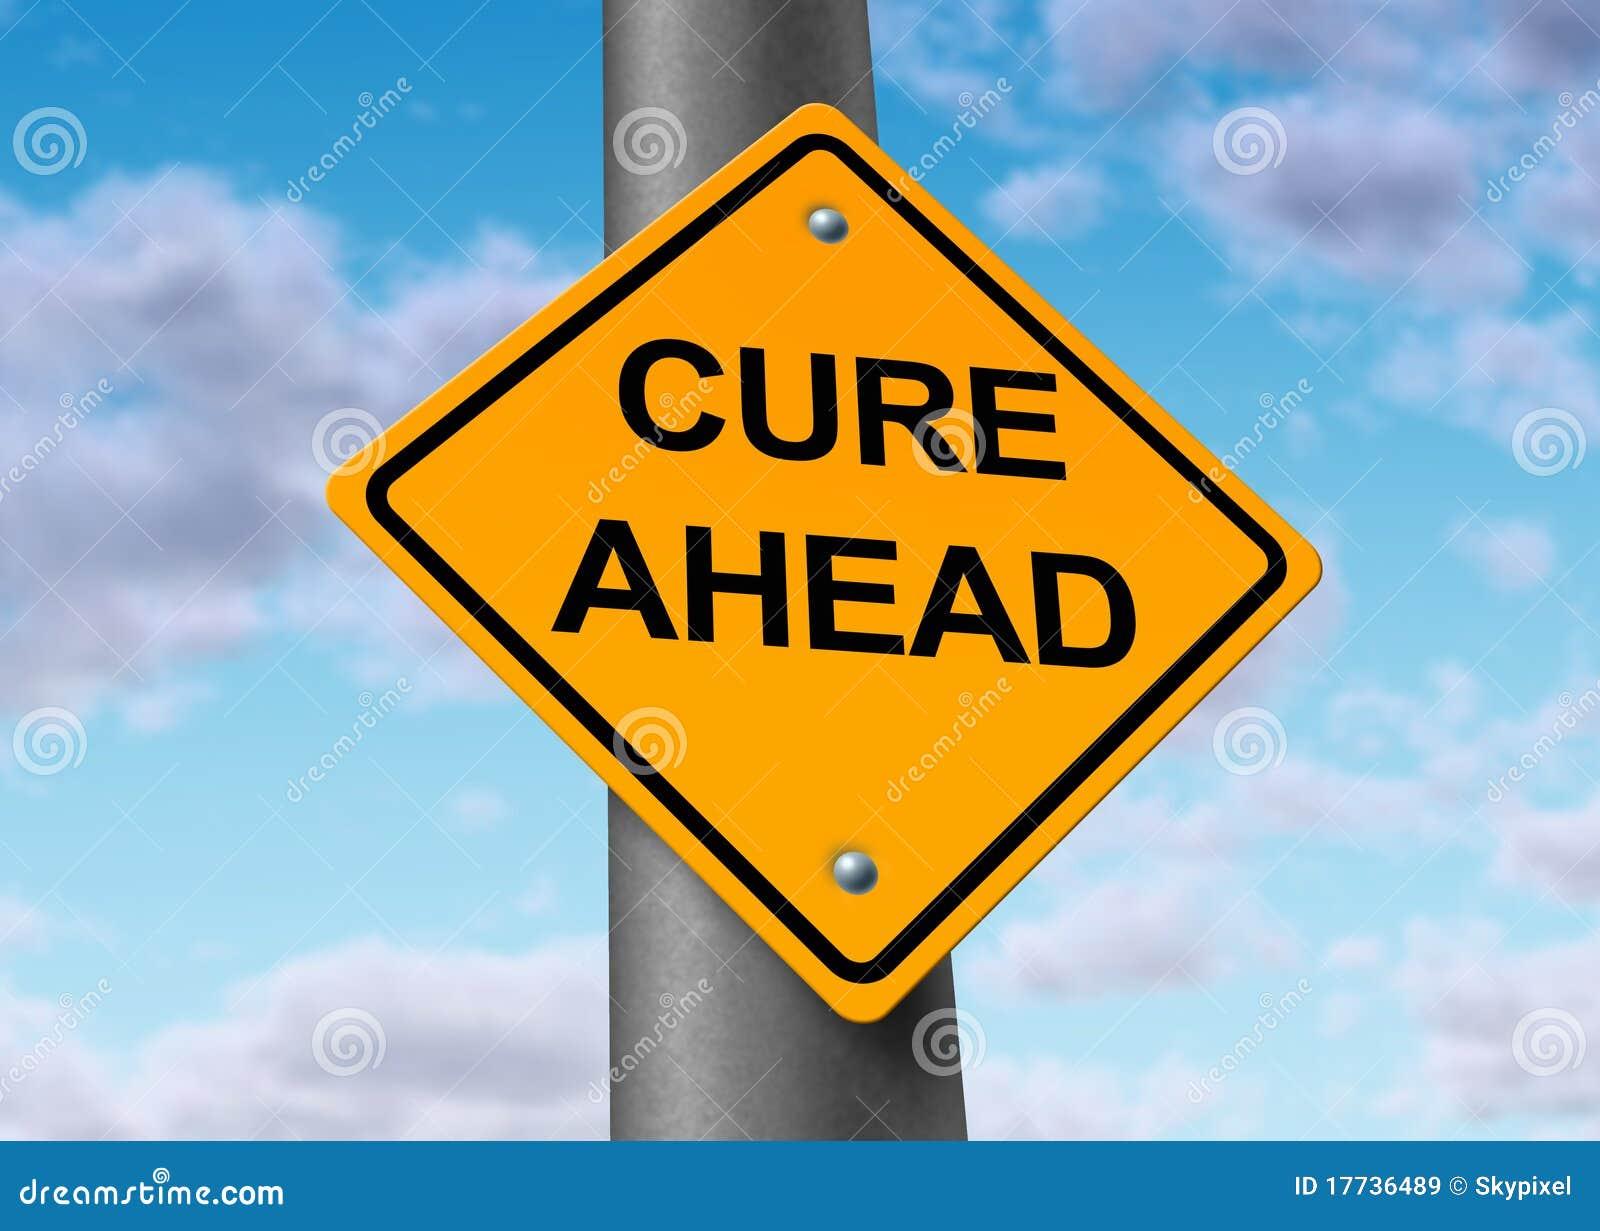 Solu médico do milagre da descoberta da medicina da cura adiante